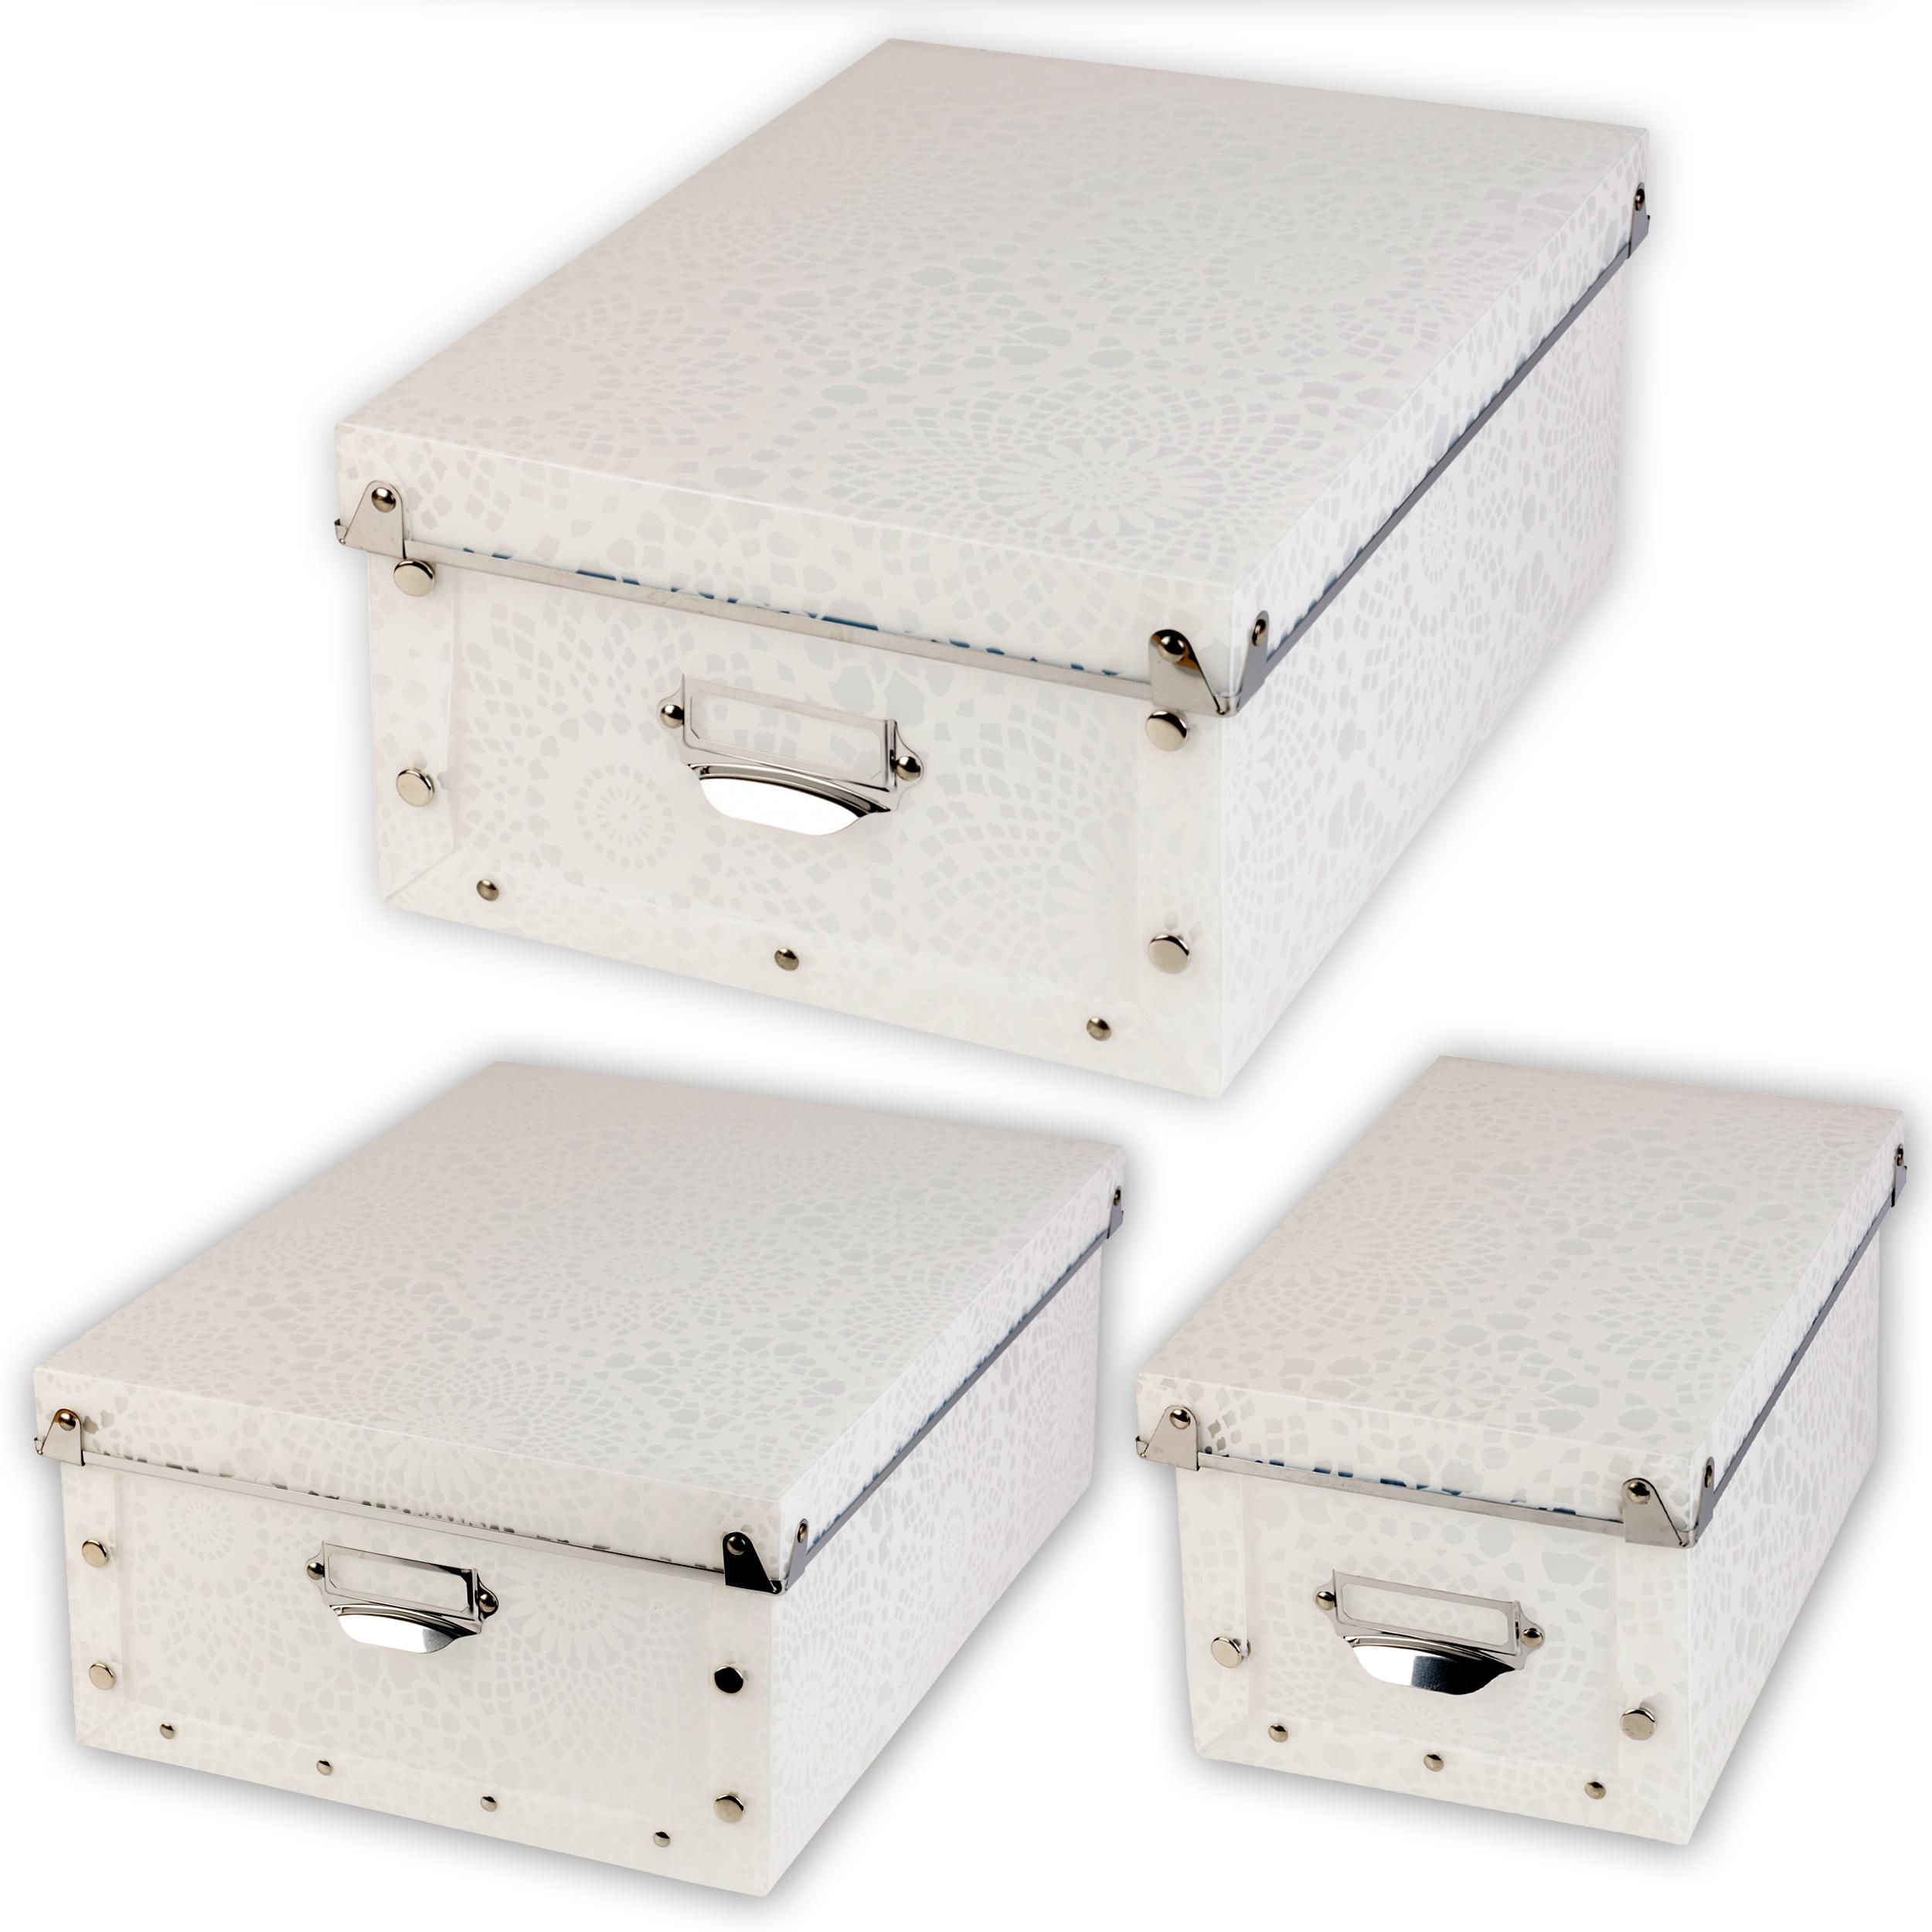 Spizy plastik klappbar gemustert aufbewahrungsboxen for Deckel englisch